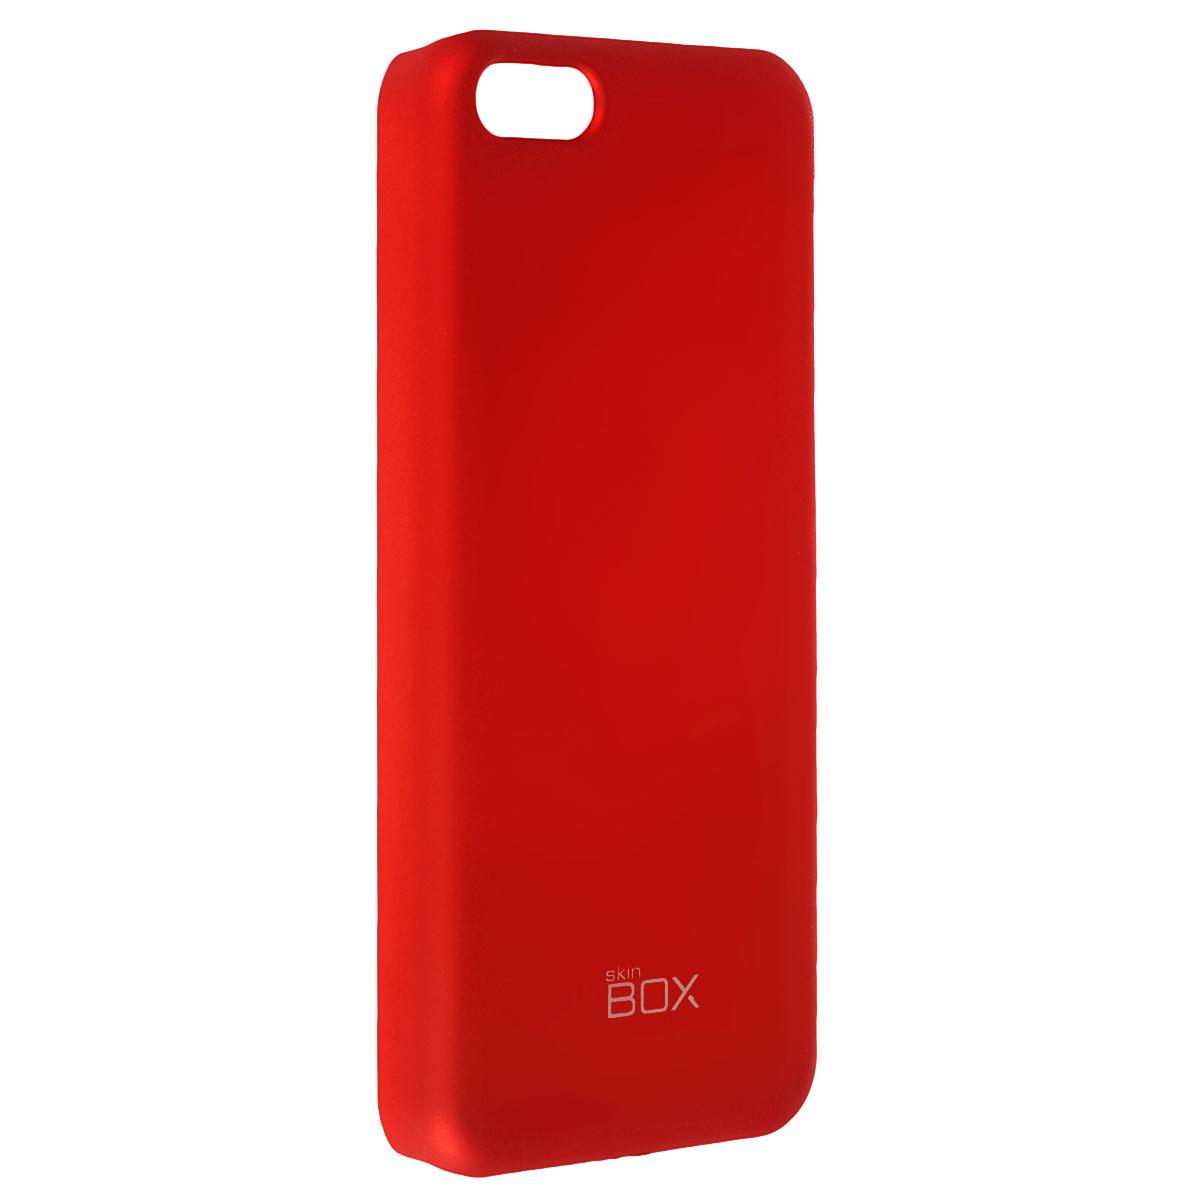 Skinbox Shield 4People чехол для Apple iPhone 5c, RedT-S-AiPhone5C-002Чехол Skinbox Shield 4People для Apple iPhone 5c предназначен для защиты корпуса смартфона от механических повреждений и царапин в процессе эксплуатации. Имеется свободный доступ ко всем разъемам и кнопкам устройства. В комплект также входит защитная пленка на экран телефона.